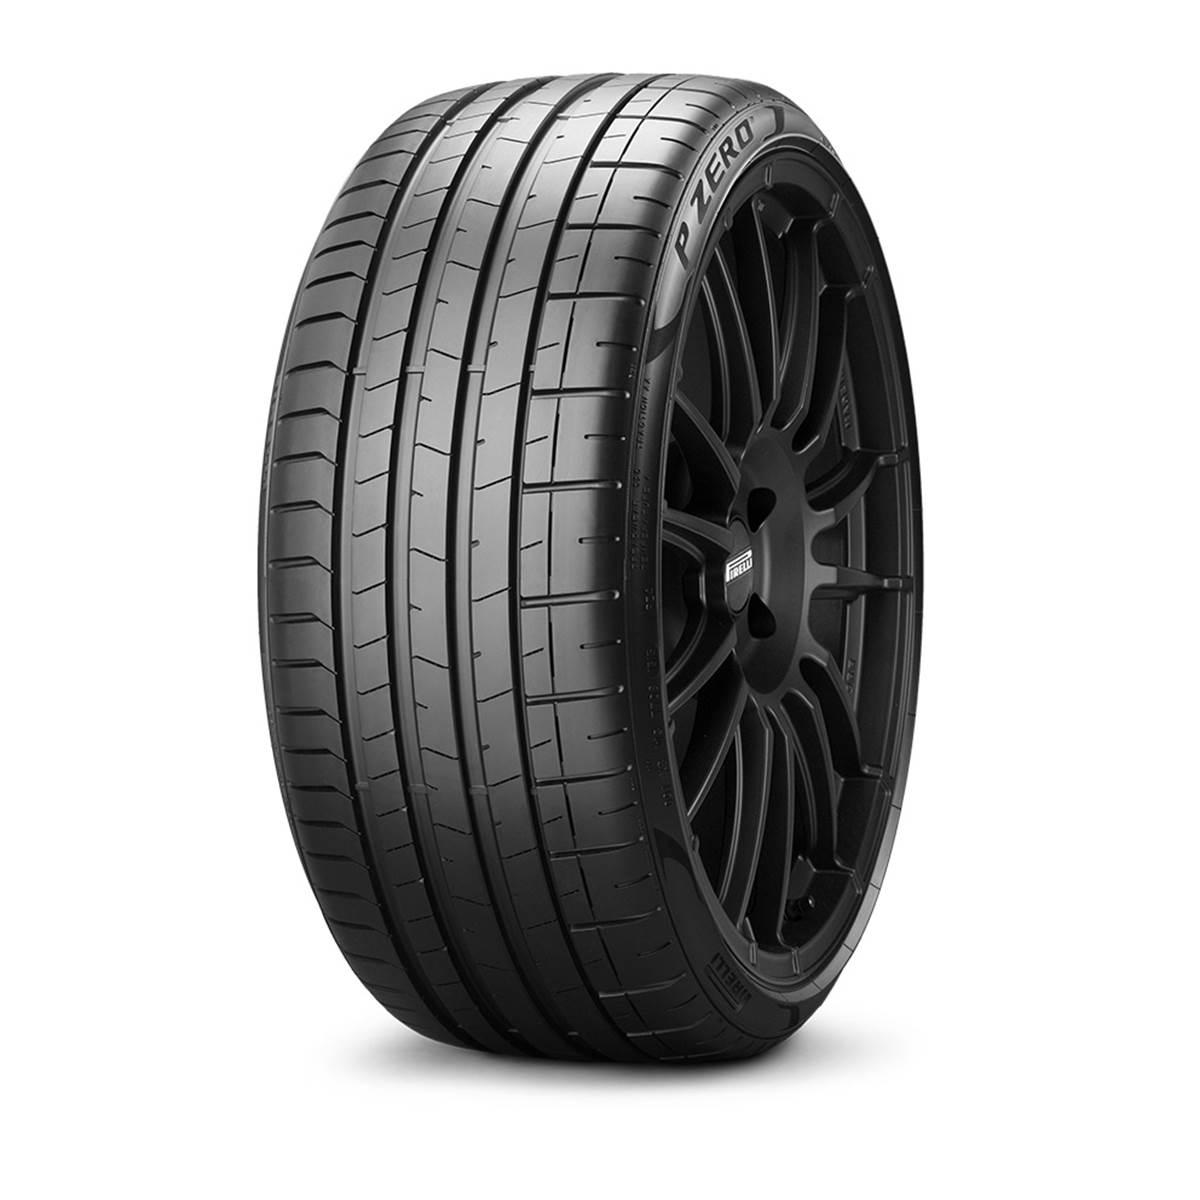 Pneu Pirelli 205/40R18 86Y Pzero XL